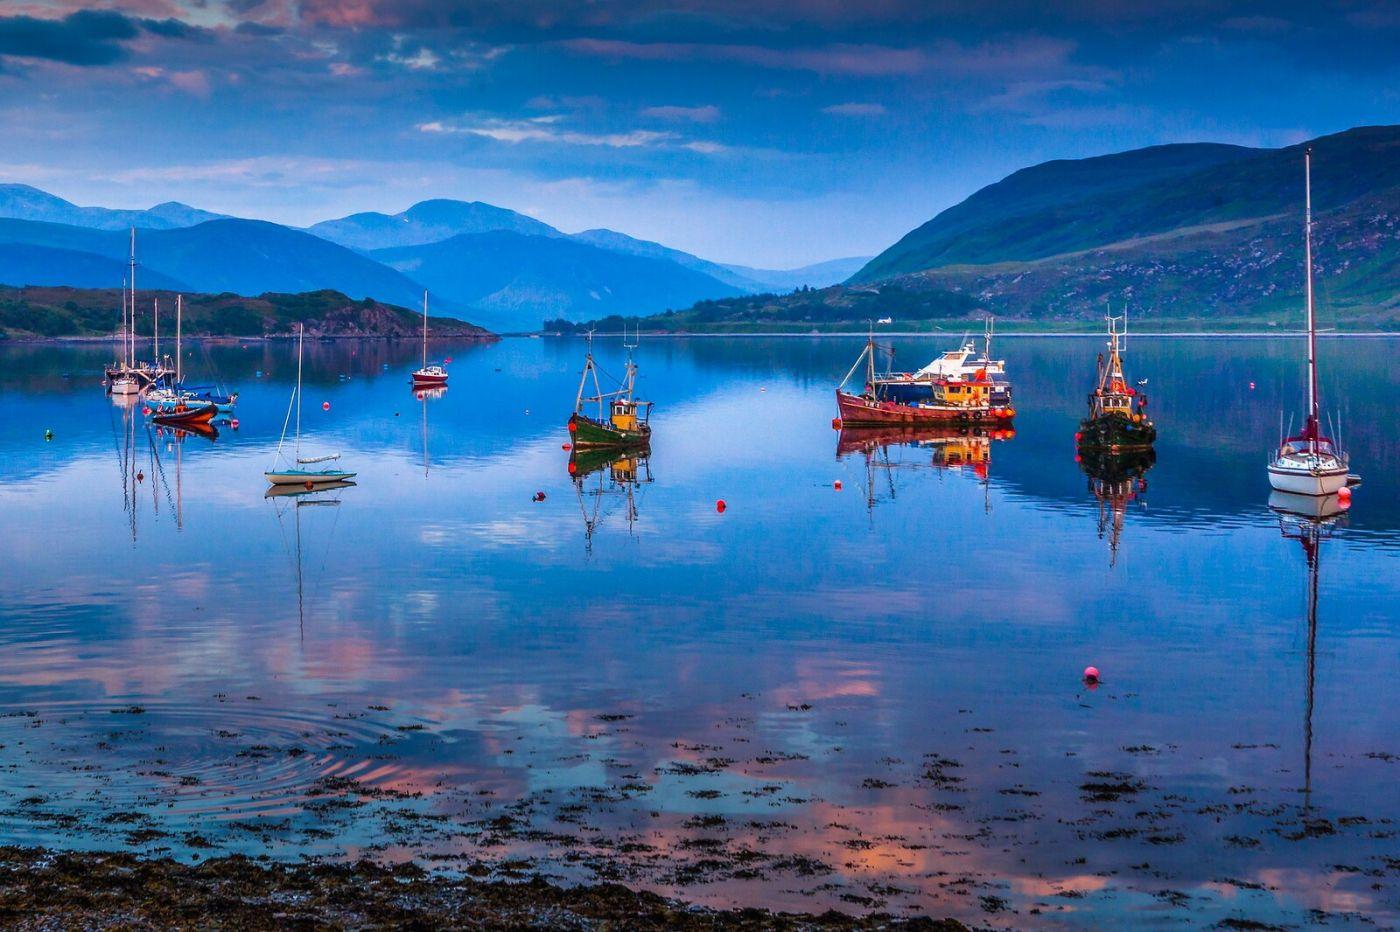 苏格兰阿勒浦(Ullapool),如镜的湖面_图1-14